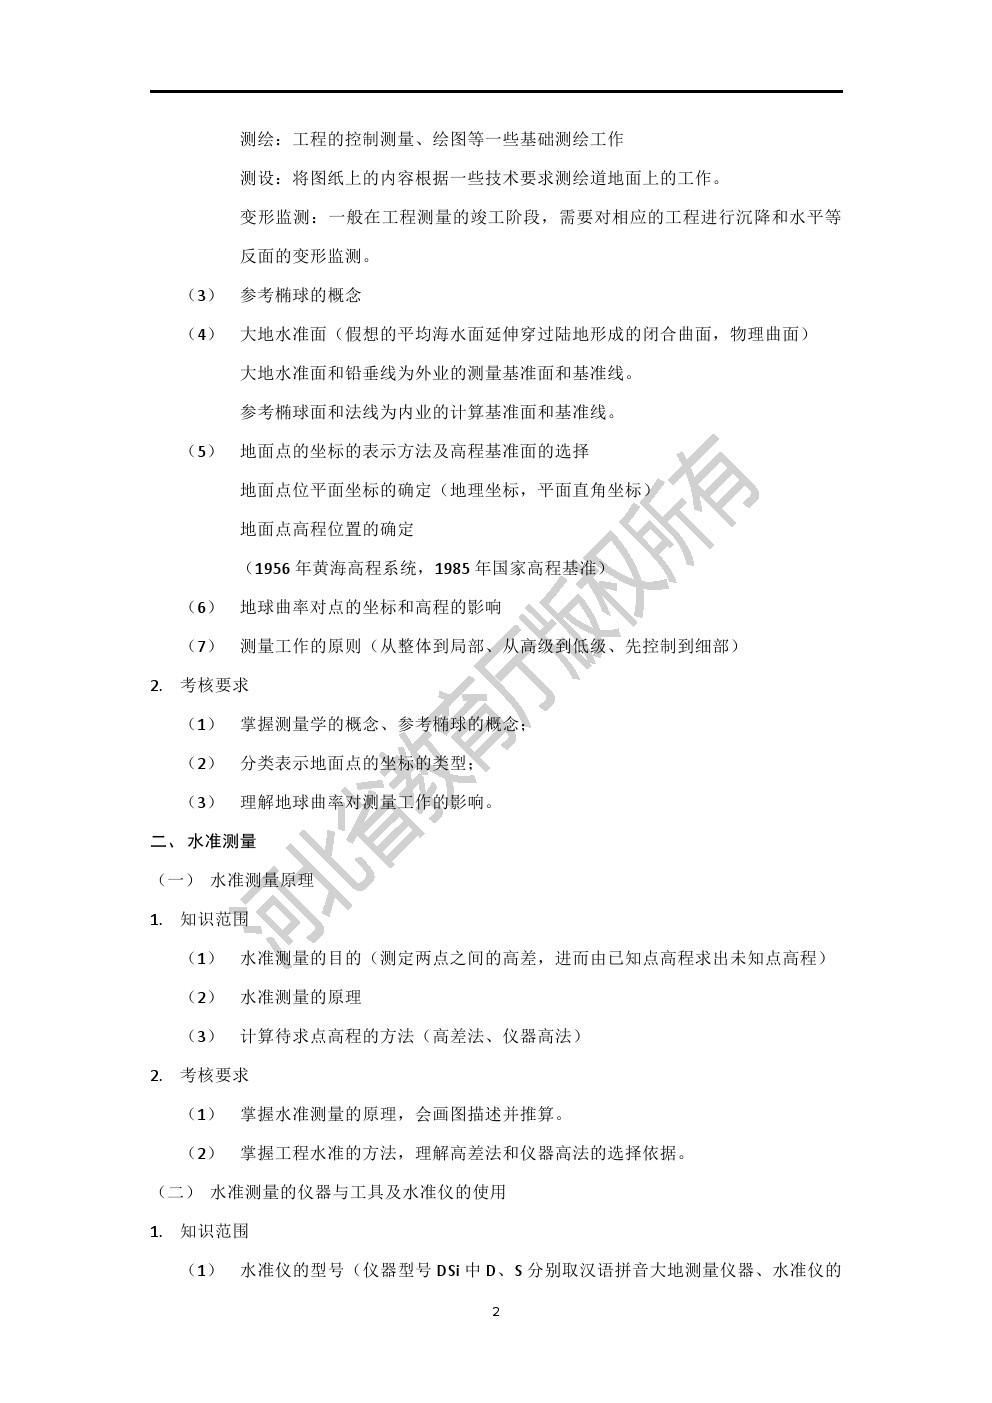 2020年河北省专接本考试理工类-测绘工程专业考试说明(测量学、测量平差基础)